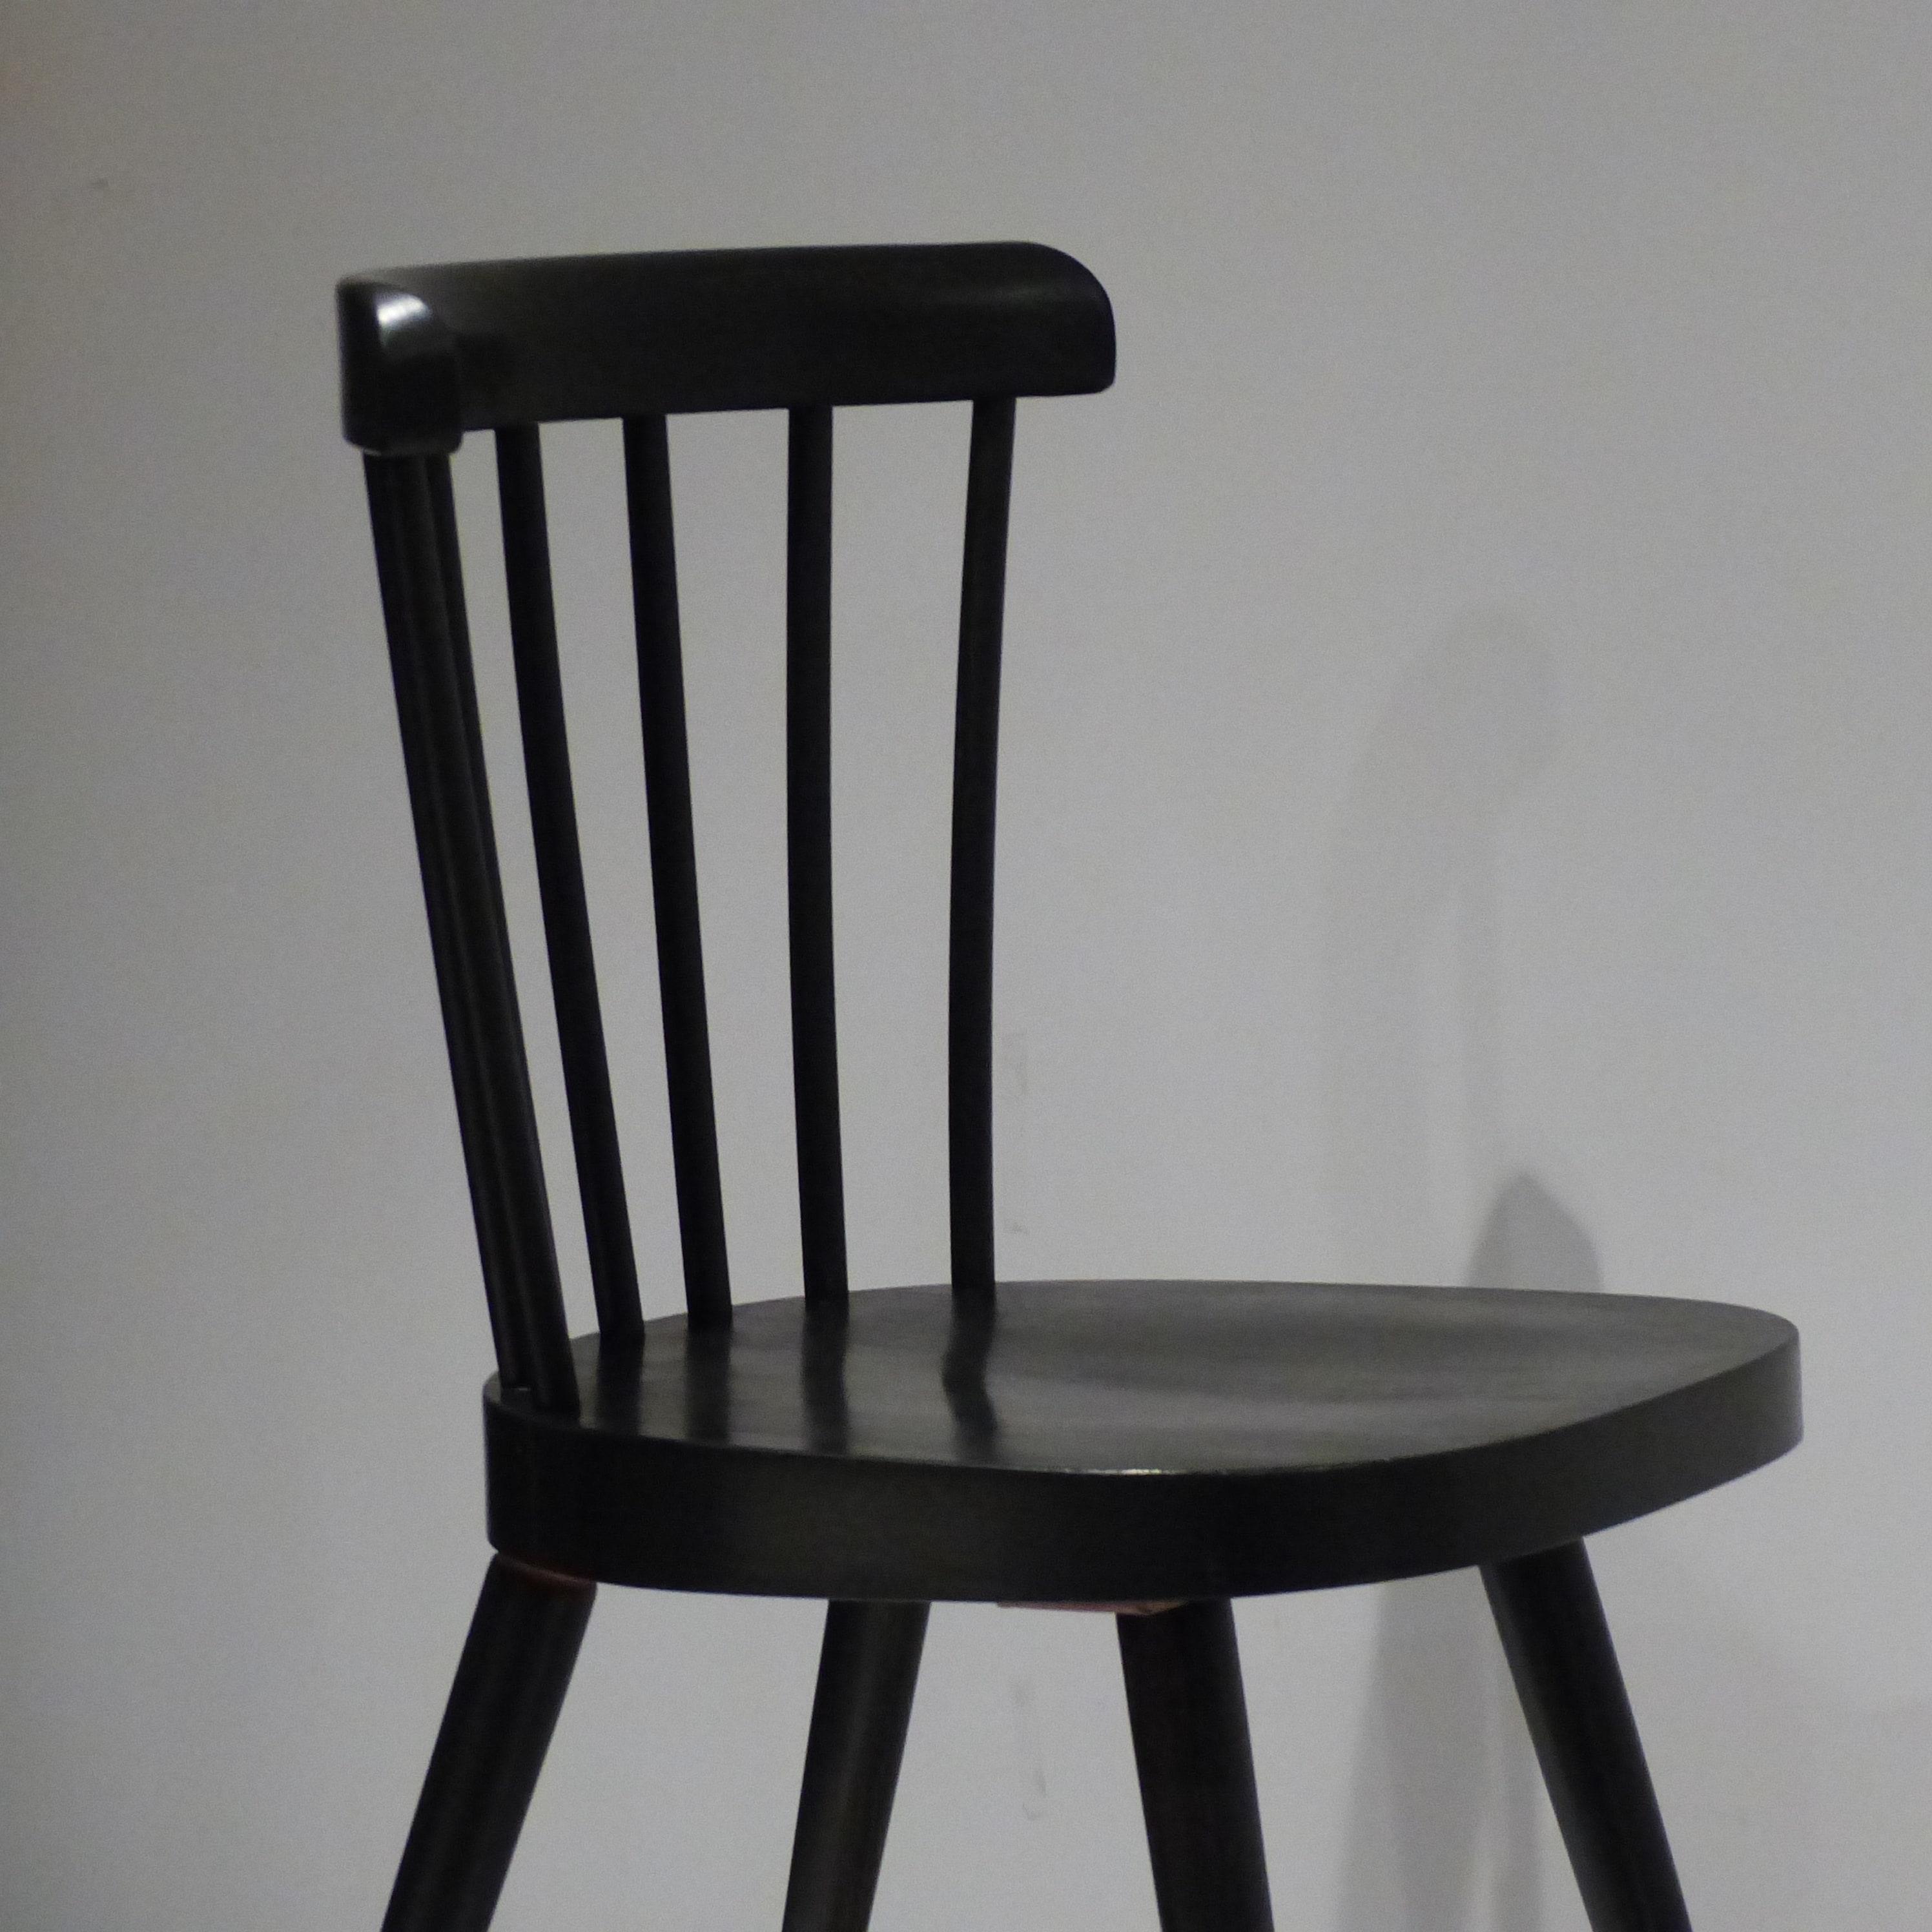 meilleur de porte manteaux 5 lettres l 39 id e d 39 un porte manteau. Black Bedroom Furniture Sets. Home Design Ideas